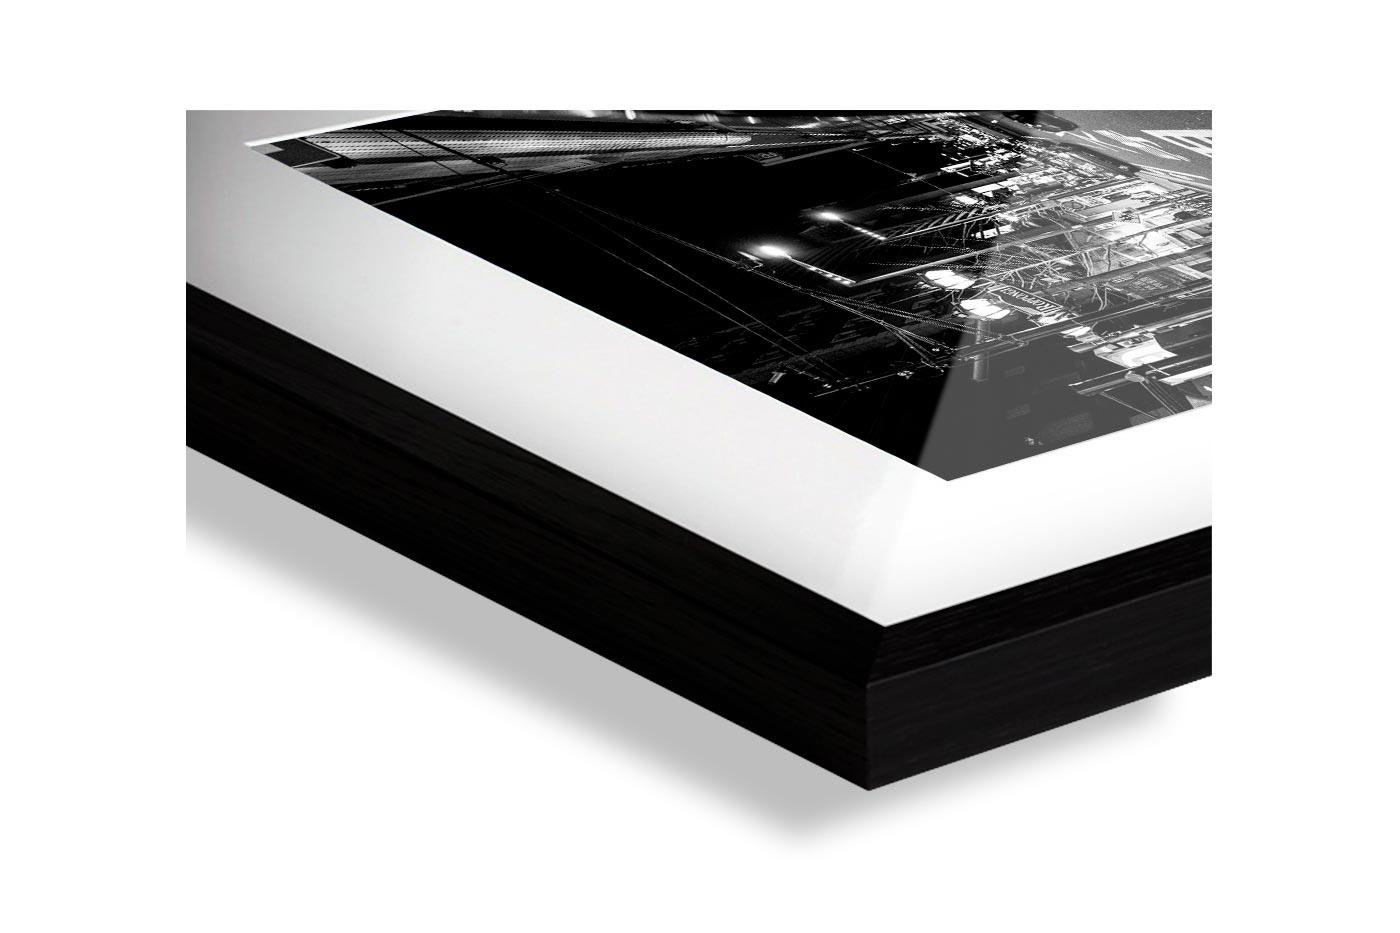 Profil cadre galerie Roppongi Night